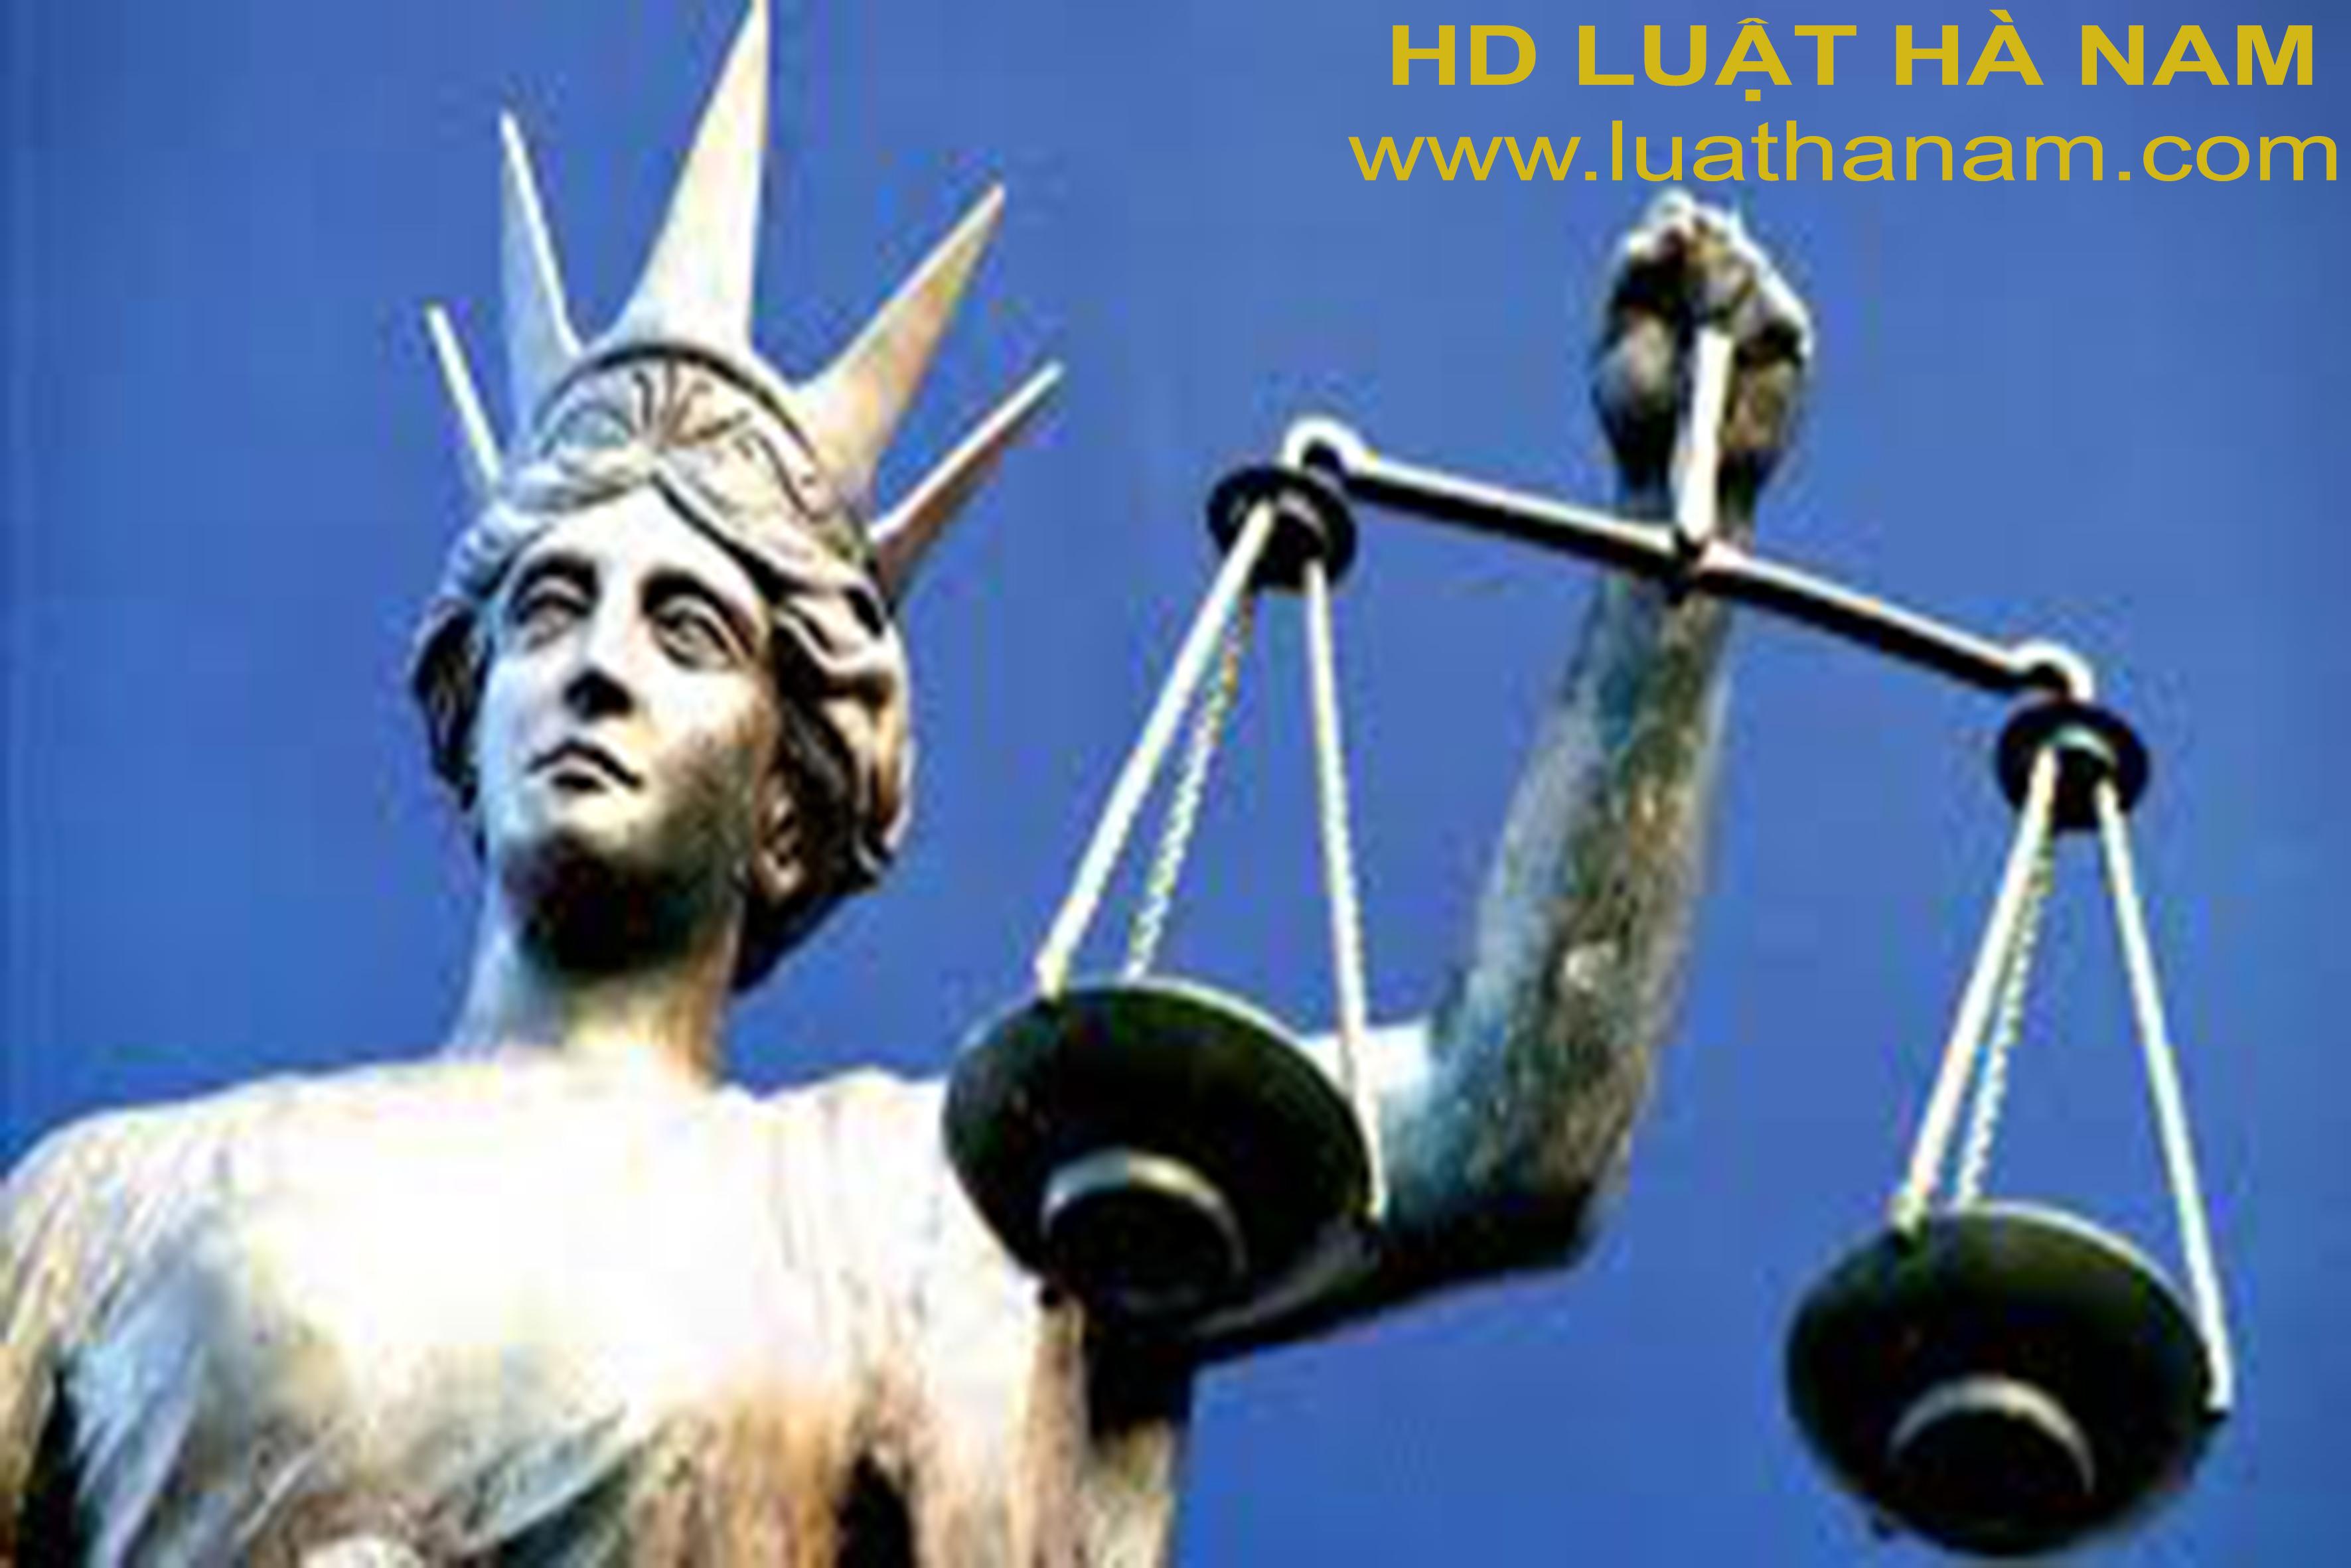 Luật Hà Nam